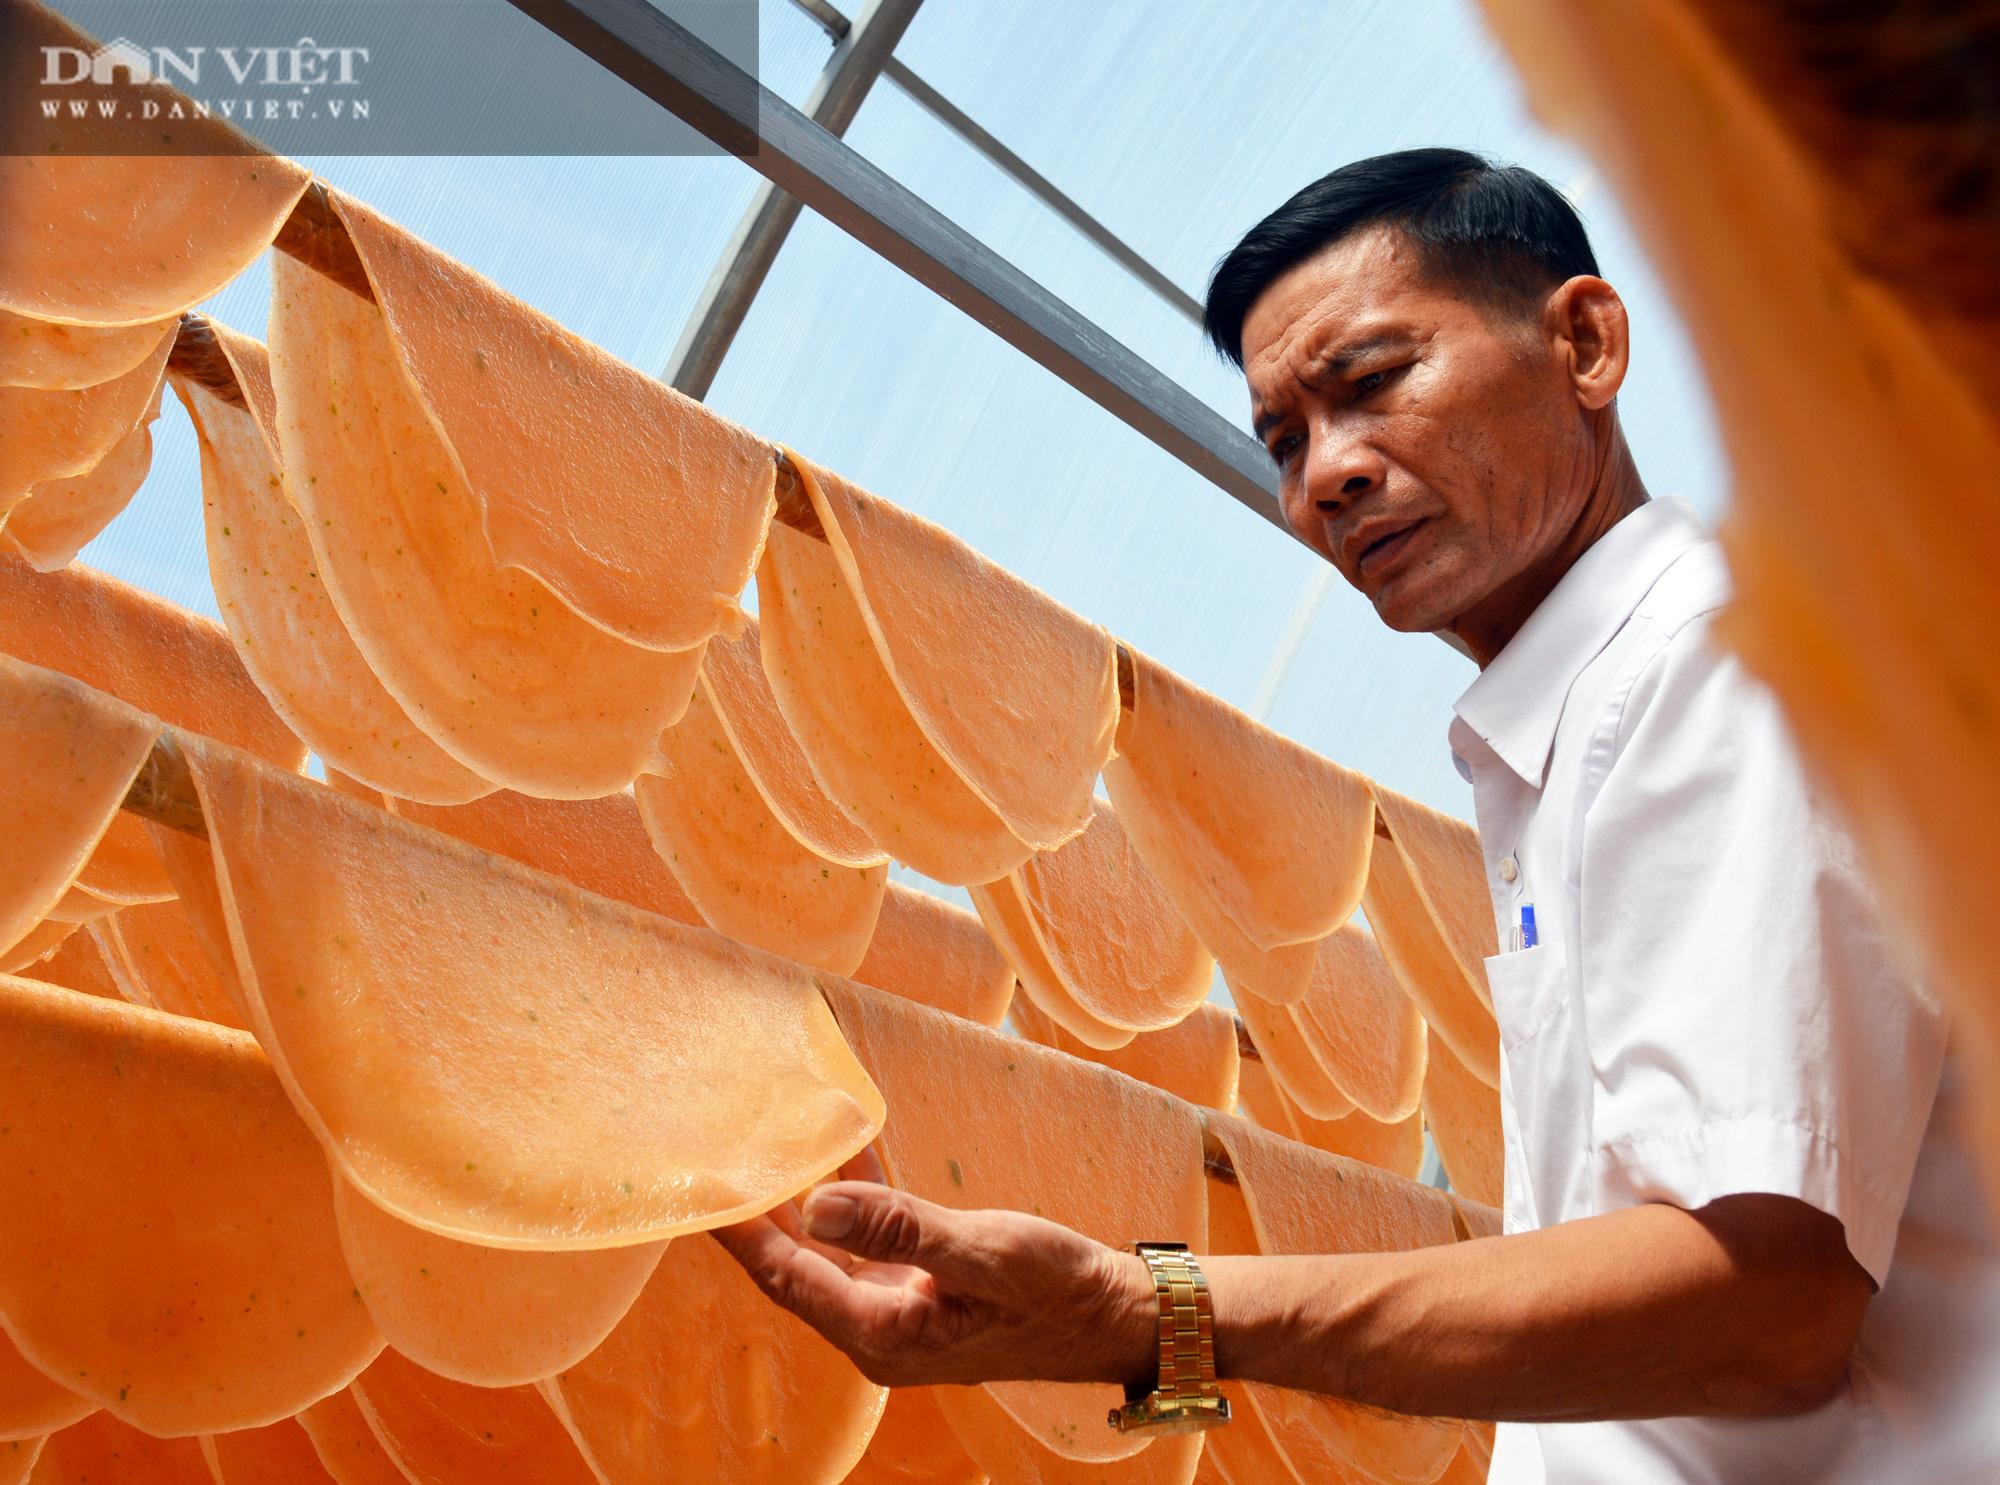 """Cà Mau sẽ tổ chức quảng bá đặc sản """"đỉnh của chóp"""" như cua Năm Căn, mật ong U Minh - Ảnh 1."""